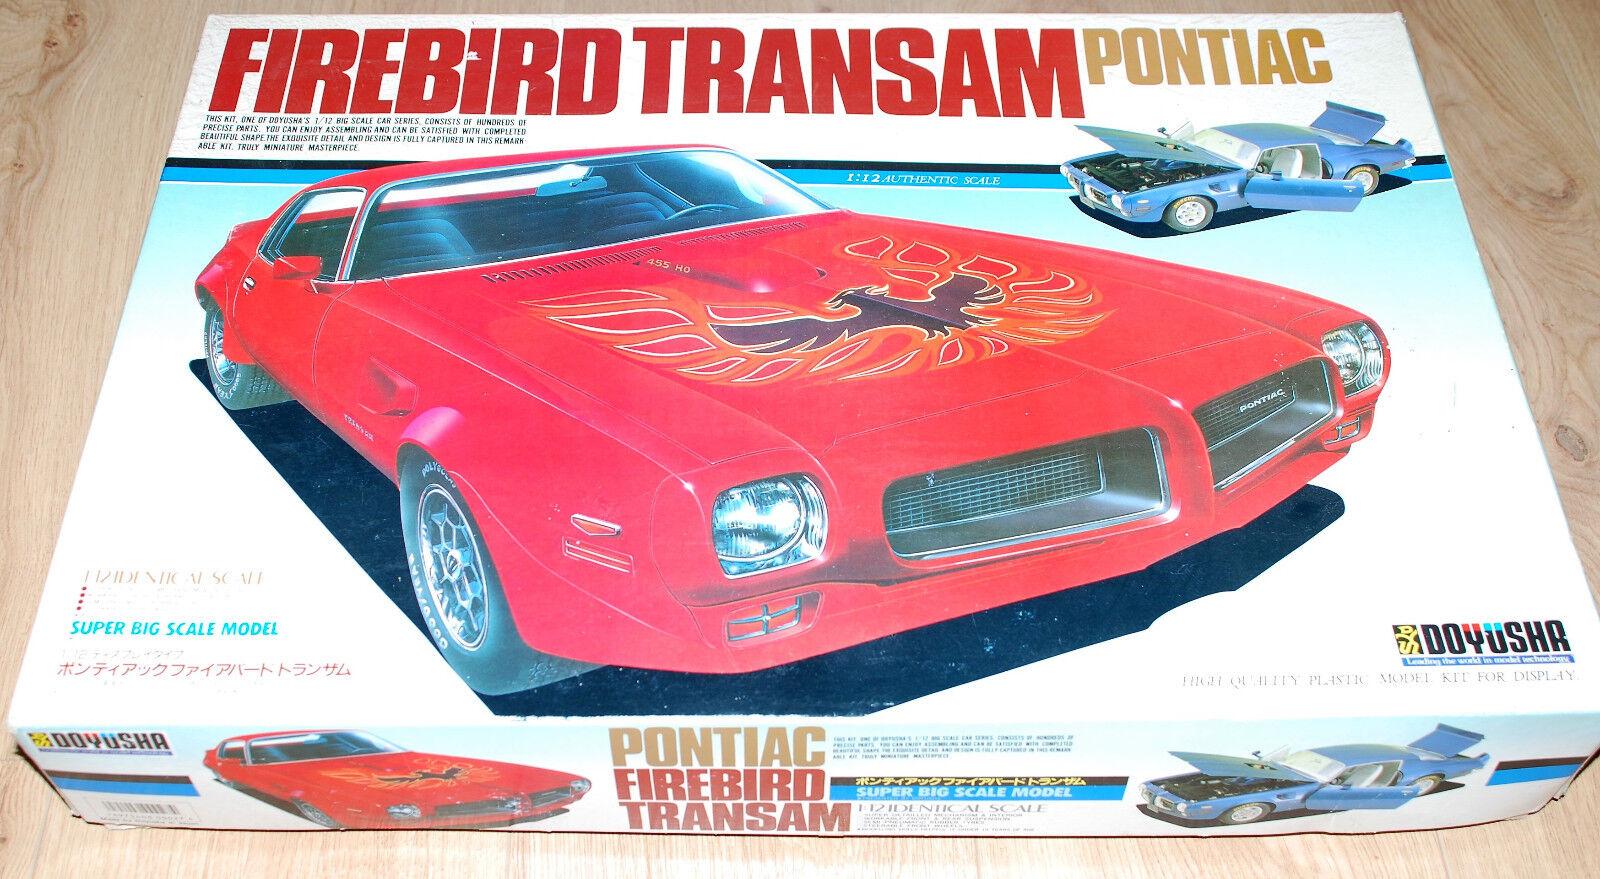 PONTIC Firebird TransAm 1 12 Modèle Kit Kit de Doyusha  RARE